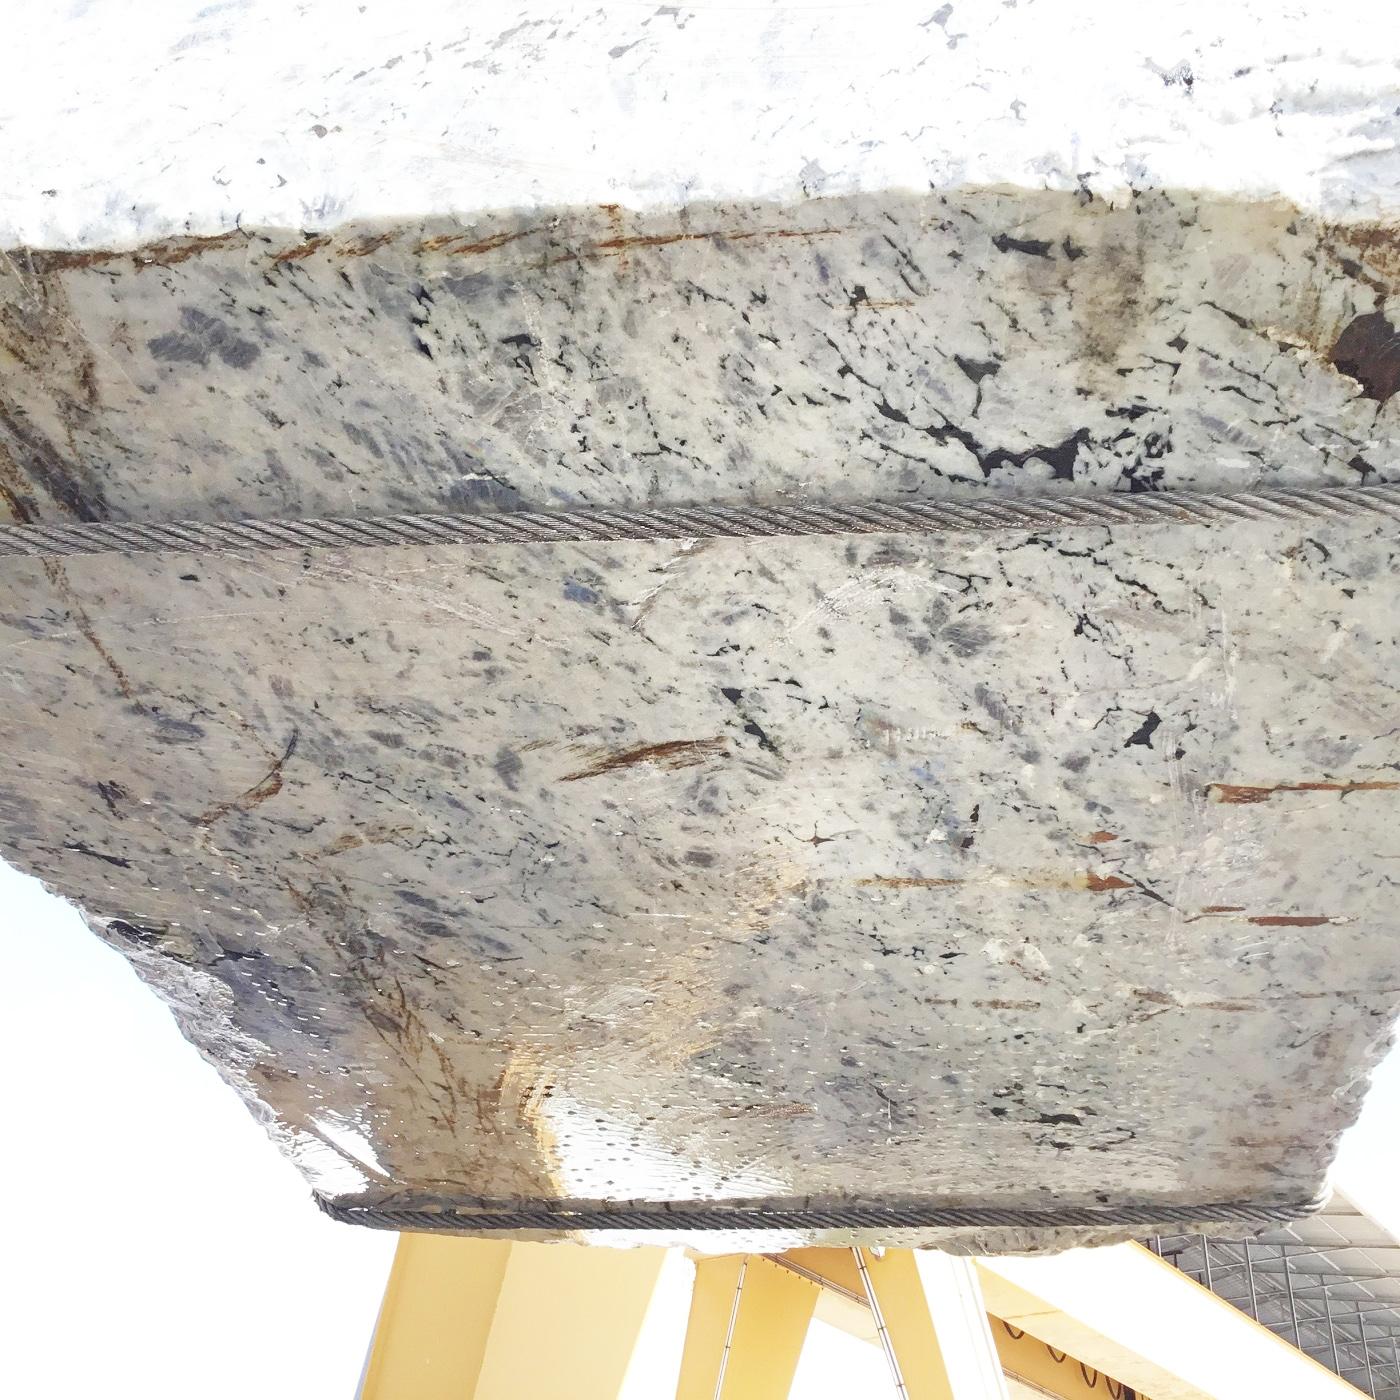 LABRADORITE BIANCA Suministro Verona (Italia) de bloques ásperos en labradorita natural GL D190308 , Face B